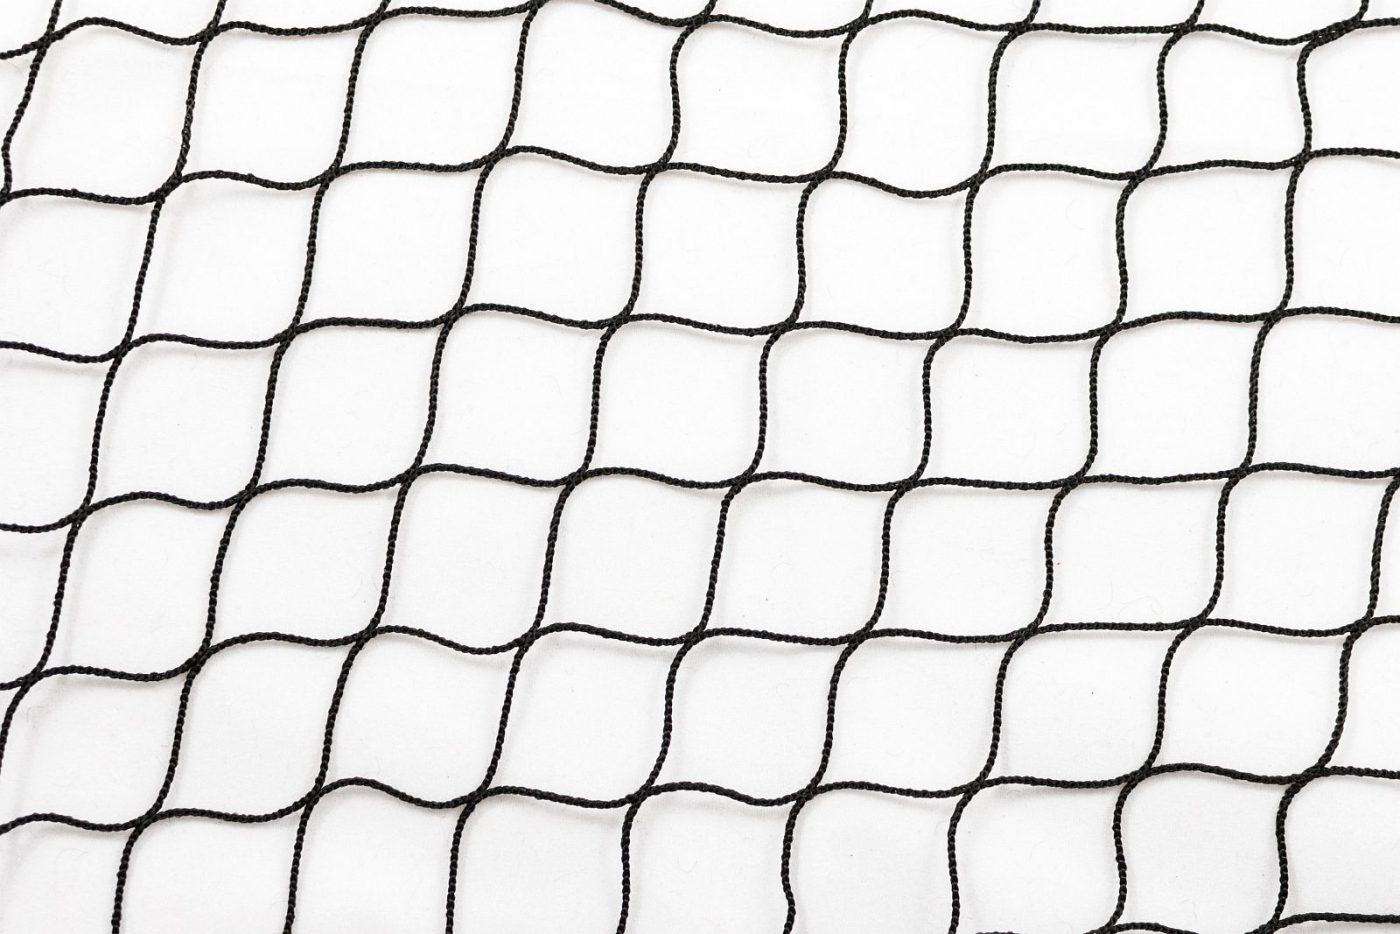 Ballfangnetz Für Golfbälle 2330 Schutznetze Planen Online